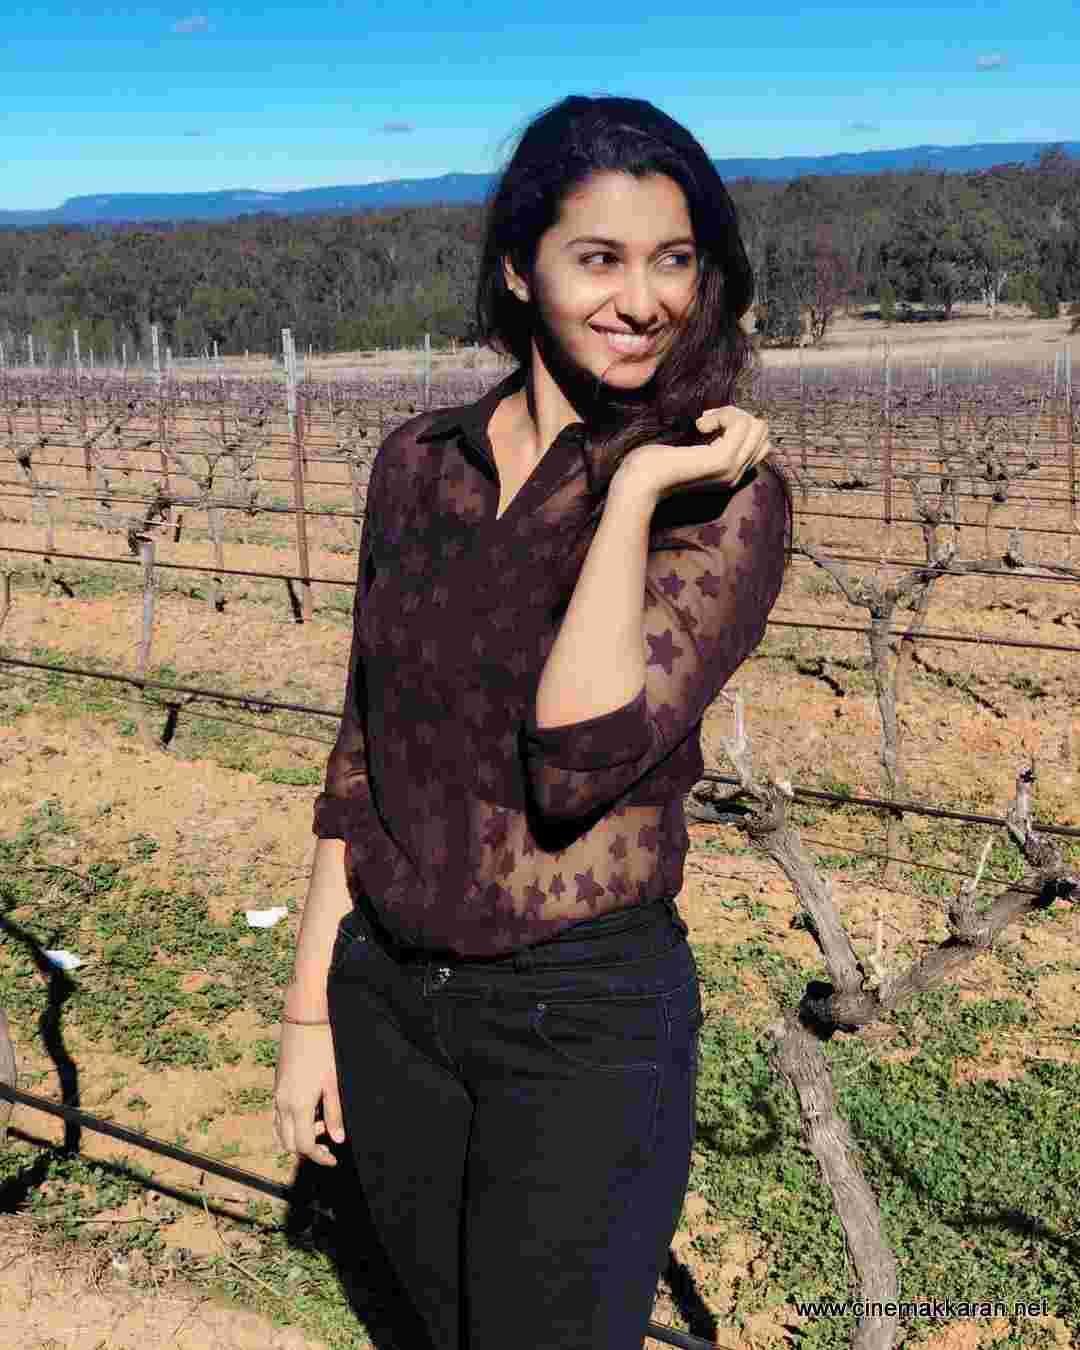 Actress Priya Bhavani Shankar Latest Photo Stills: Actress Priya Bhavani Shankar Latest Salwar T Priya